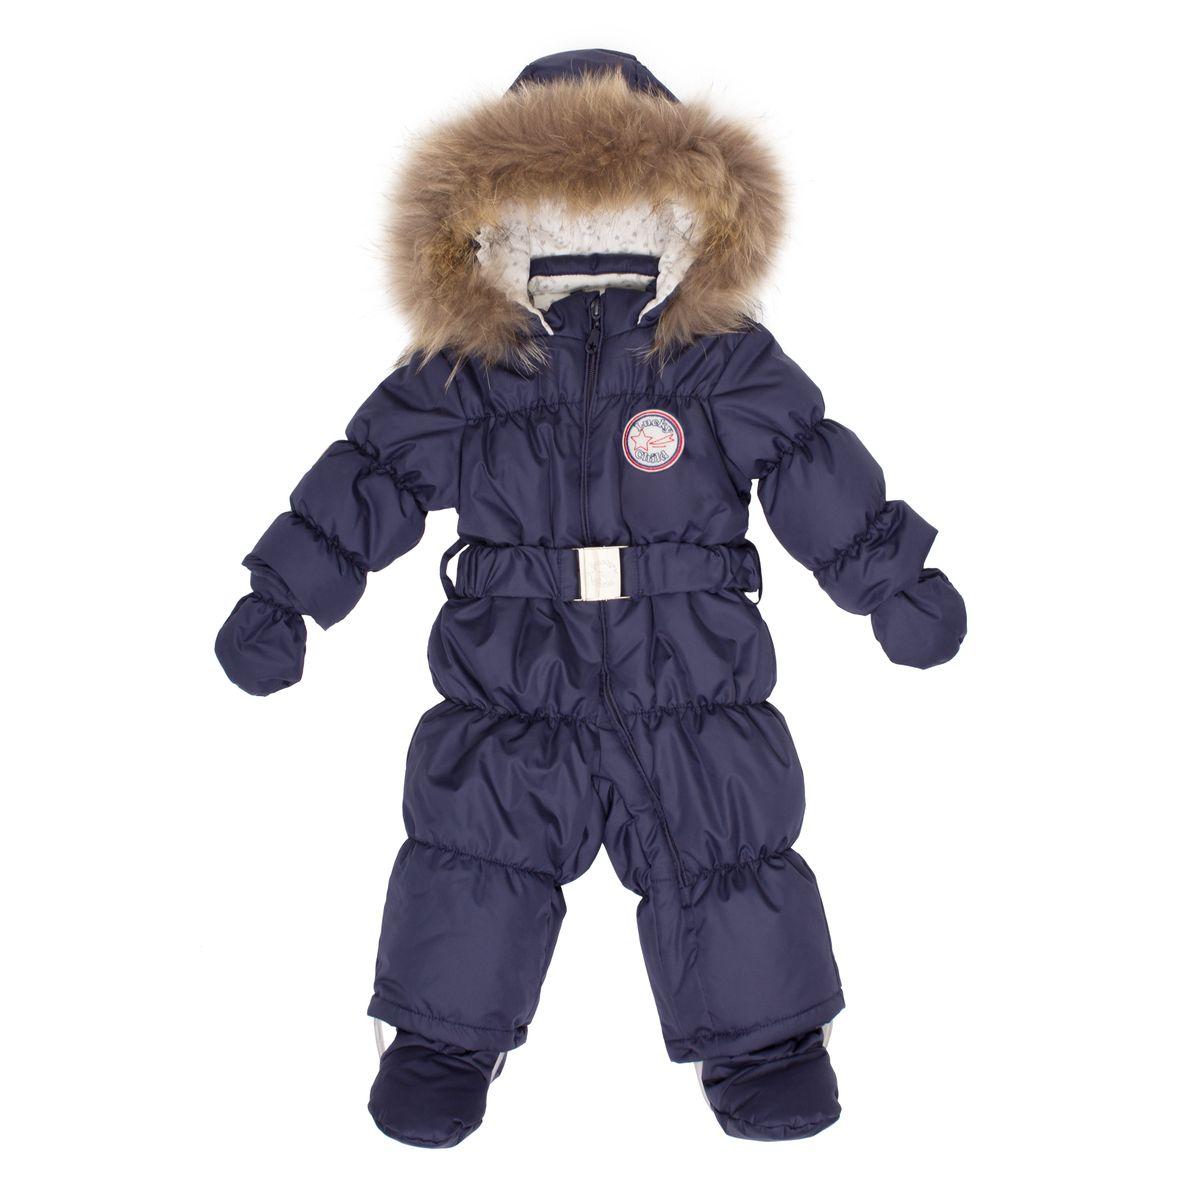 Комбинезон для мальчика Lucky Child, цвет: синий. В1-3. Размер 74В1-3Этой зимой вашему малышу предстоит впервые увидеть снег? Подберите для этого важного знакомства удобный и тёплый комбинезон Lucky Child! Он выполнен из курточной ткани с влагостойкой пропиткой, а значит, не промокнет, даже если Ваша кроха, знакомясь со снегом, решит нырнуть в сугроб. Наполнитель – лёгкий и тёплый Isosoft, который позволит ребёнку не мёрзнуть при температуре до -30° и при этом вести активную деятельность во время прогулки. Трикотажная подкладка (кулирка) обладает воздухопроницаемыми и водоотводными свойствами, что очень важно, если малыш вспотеет. Капюшон оторочен натуральным мехом енота. Ножки и ручки малыша утеплят отстёгивающиеся варежки и сапожки.